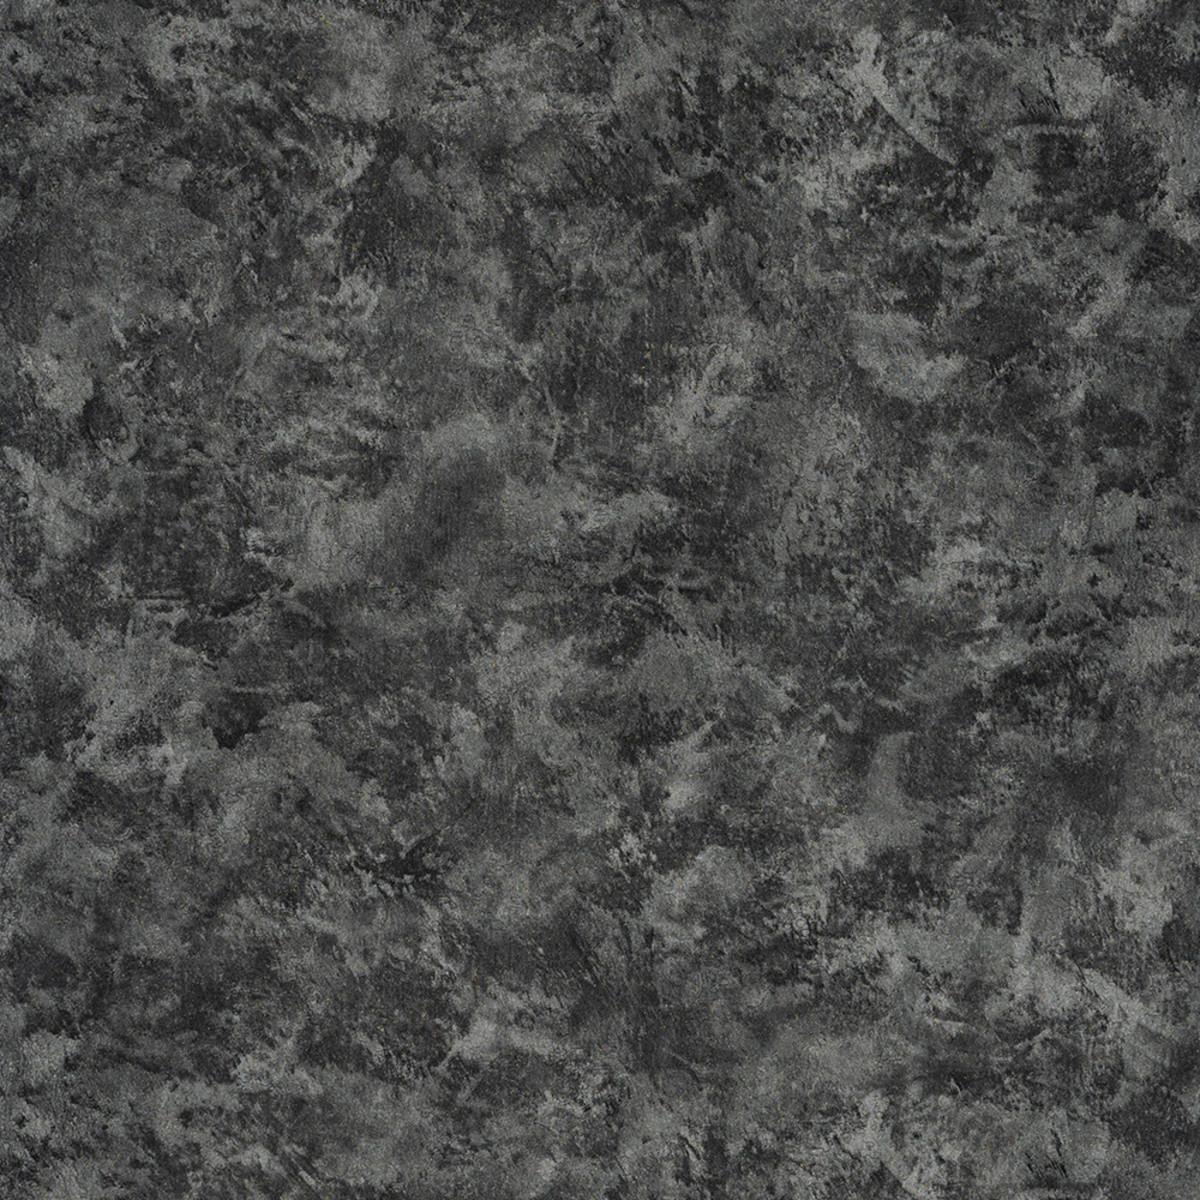 Обои флизелиновые Zambaiti Marchesa черные 1.06 м R1624